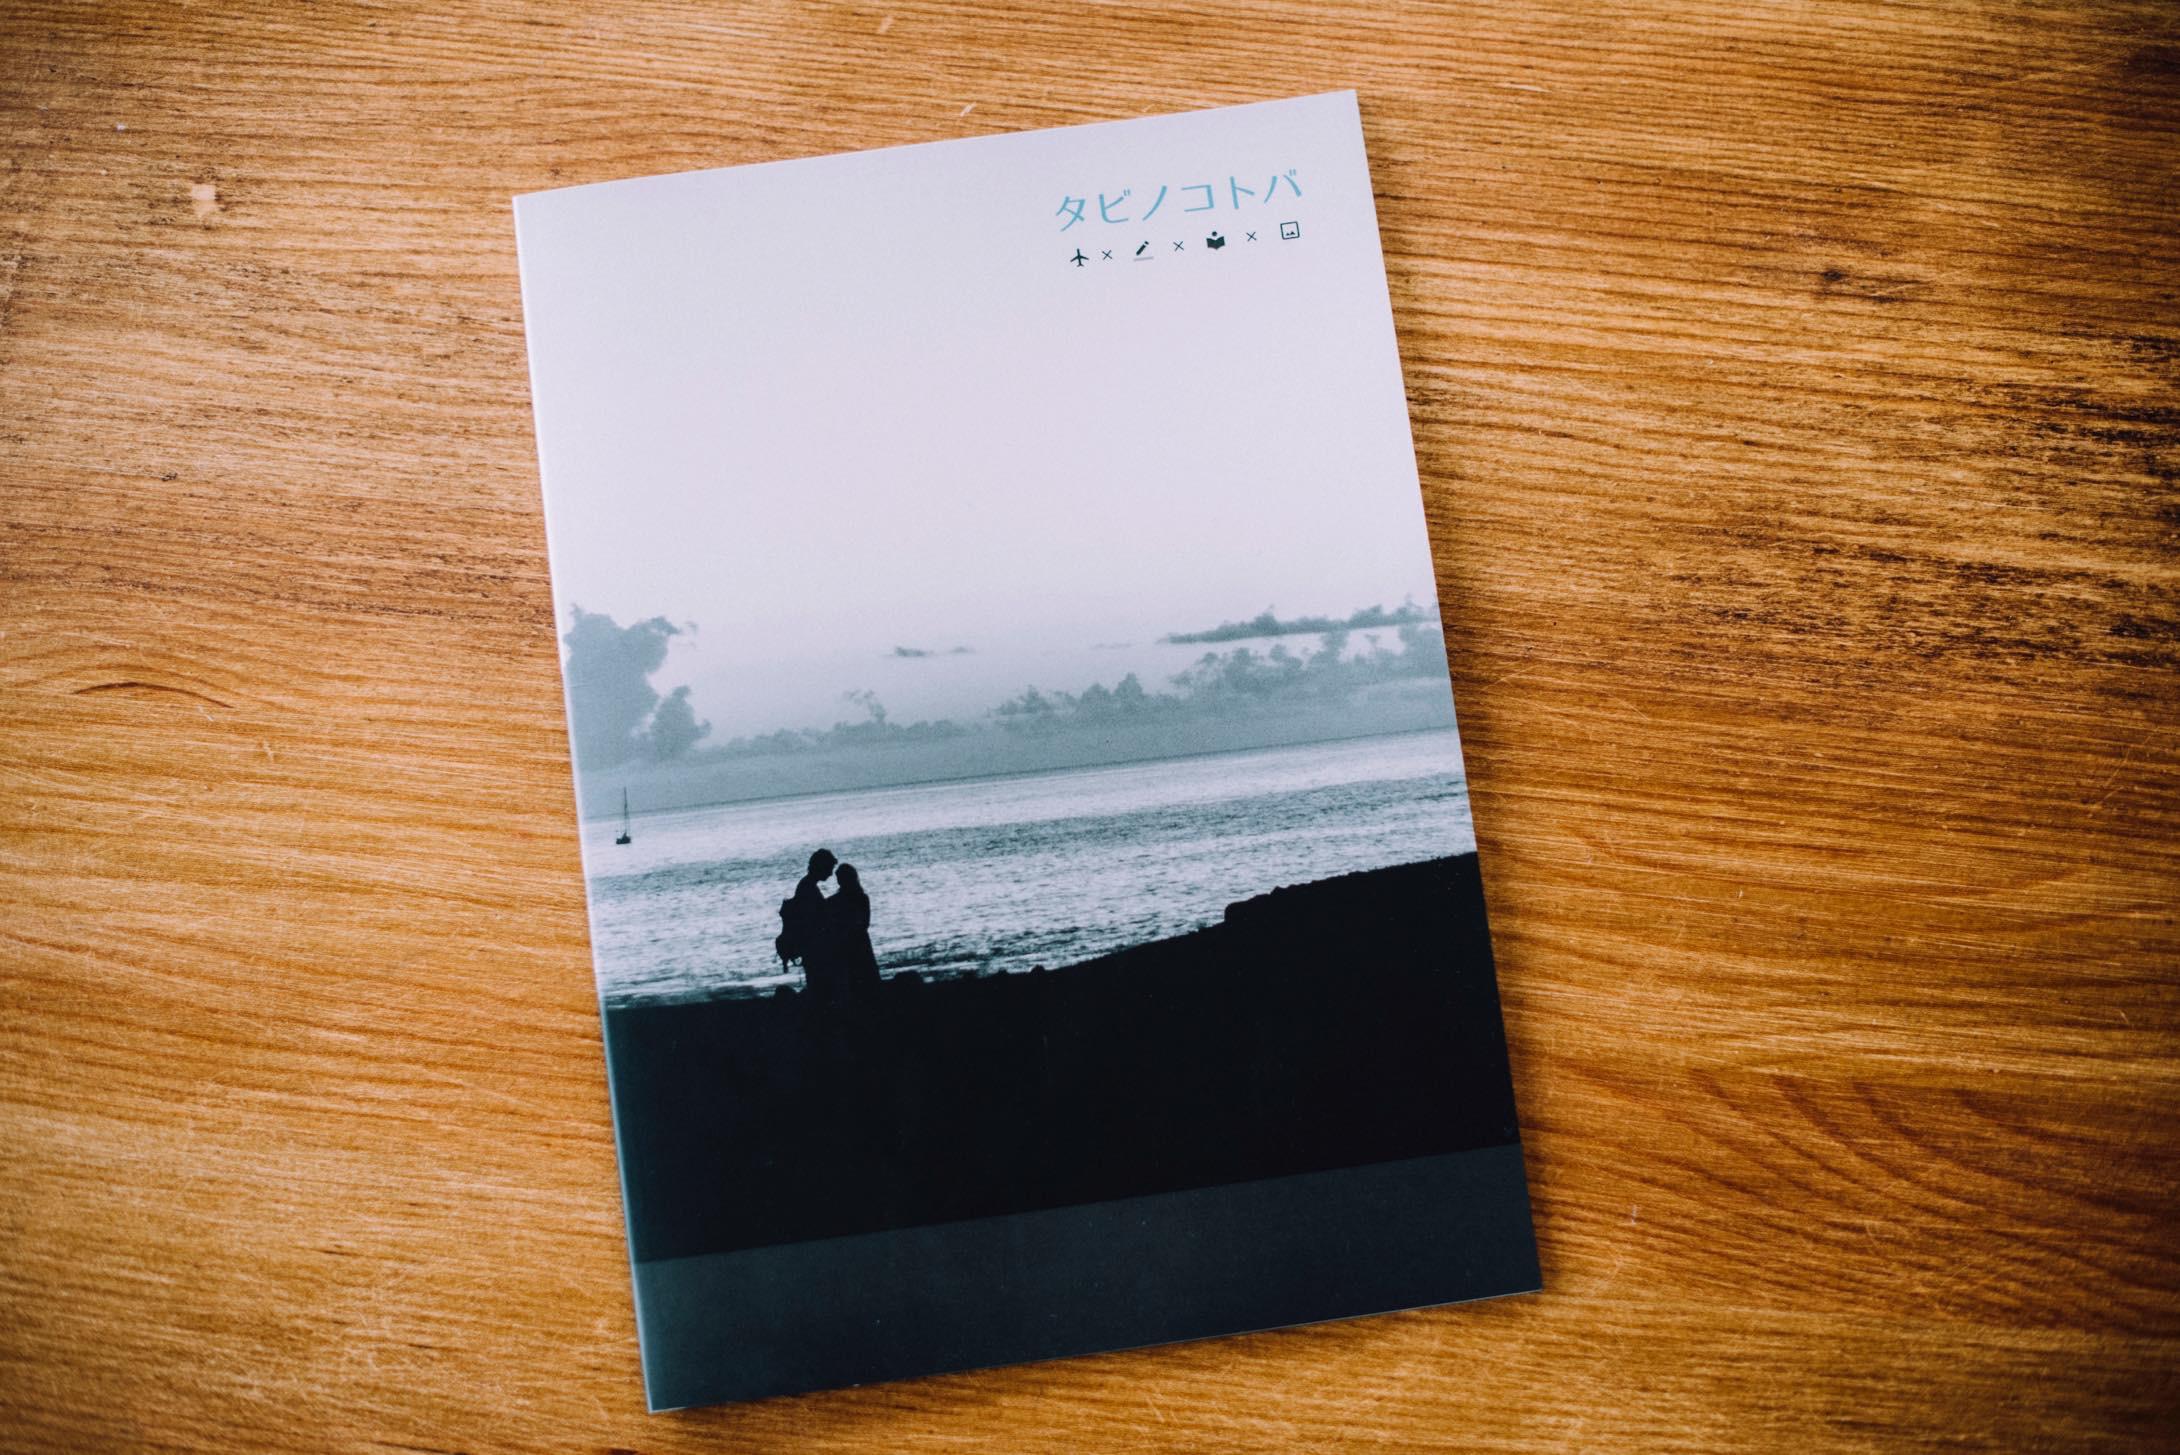 【遂に完成!】いよいよタビノコトバの冊子が印刷されました